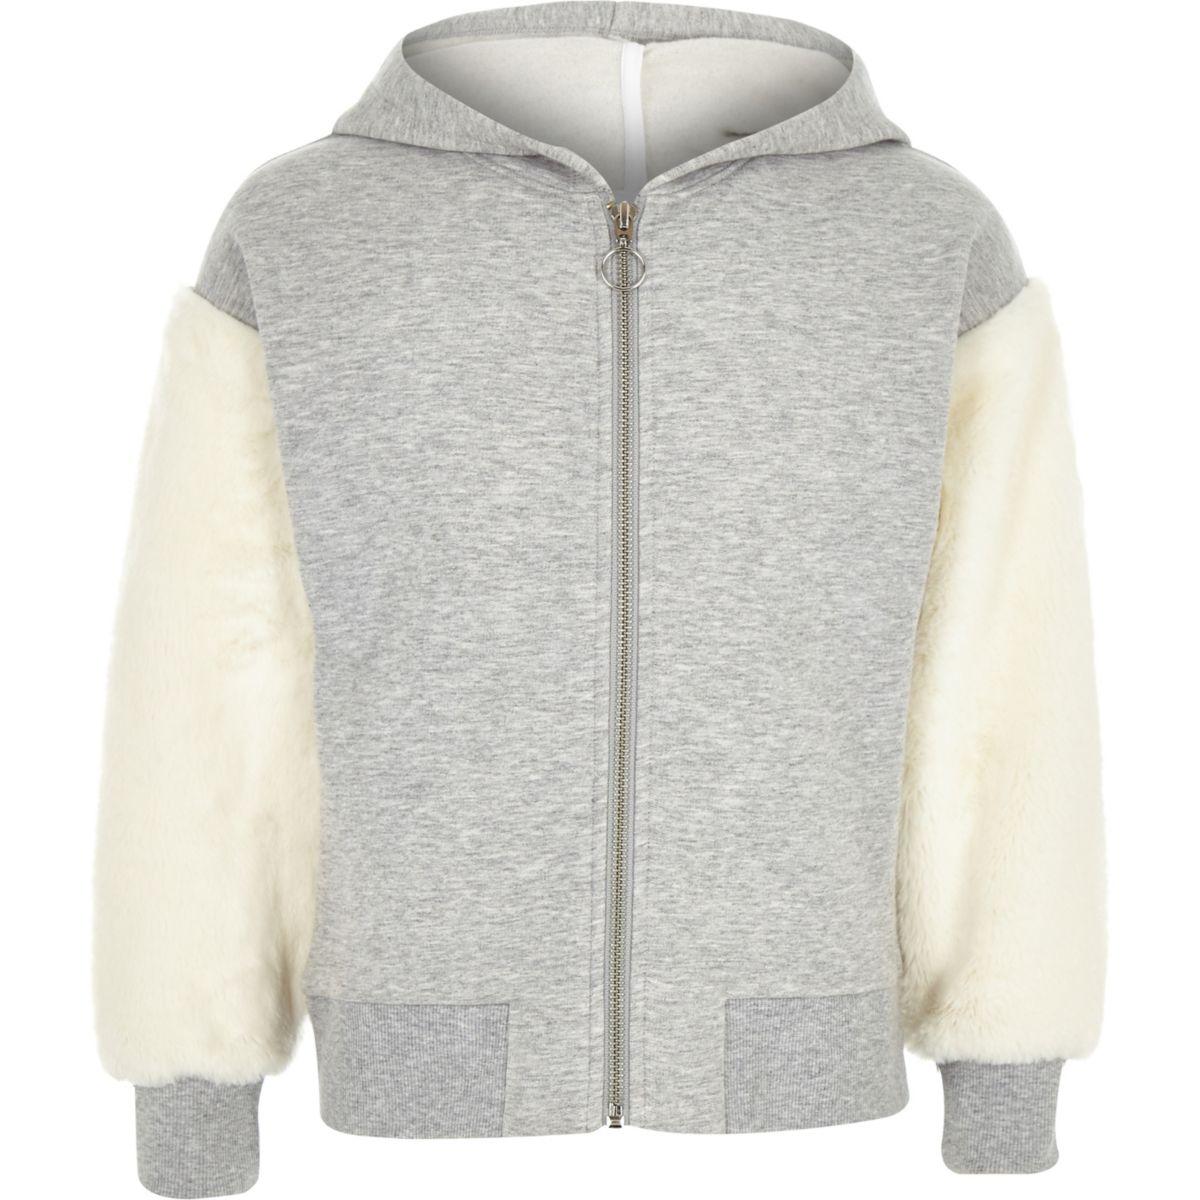 Girls grey faux fur sleeve zip-up hoodie